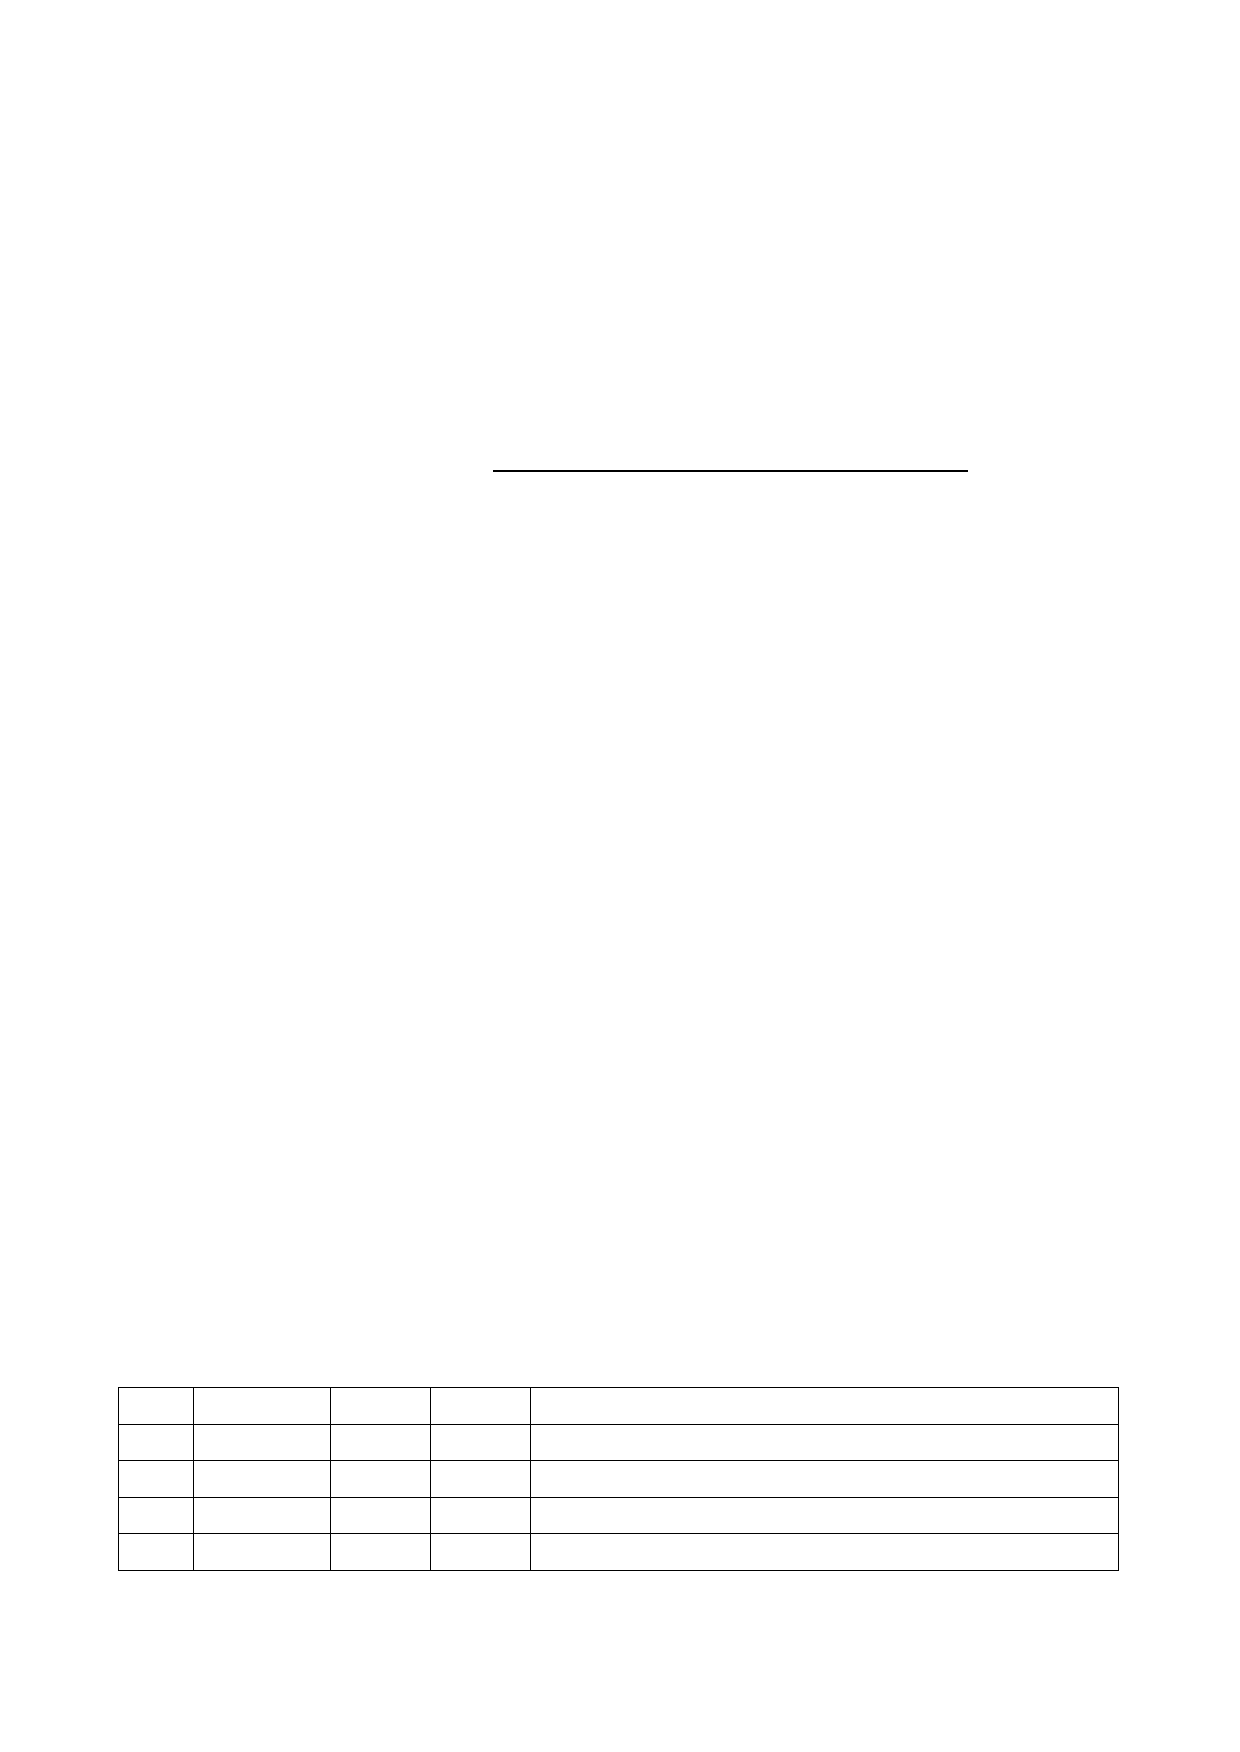 LG128644-BMDWH6V 데이터시트 및 LG128644-BMDWH6V PDF